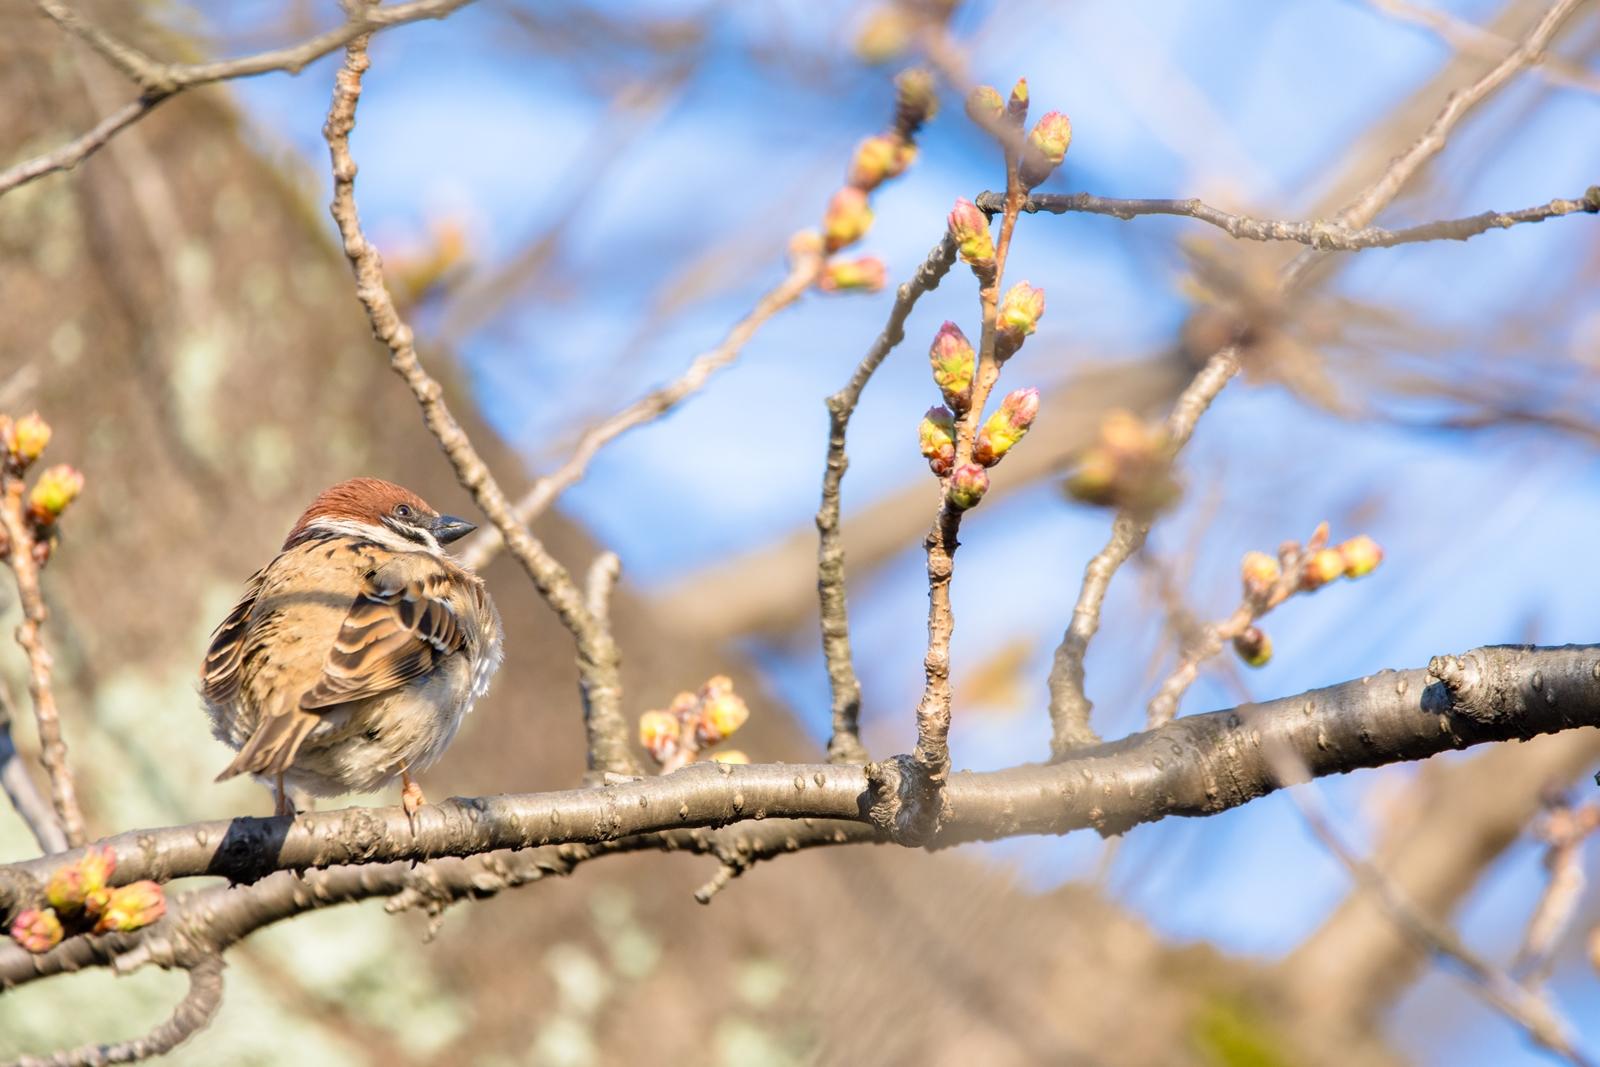 Photo: 「もうすぐ」 / A little more.  ぷくぷくと ふくらむ蕾 楽しみで楽しみで まだかまだかと 待ちわびる  sparrow. (スズメ)  Nikon D7200 SIGMA 150-600mm F5-6.3 DG OS HSM Contemporary  #birdphotography #birds #kawaii #小鳥 #nikon #sigma #小鳥グラファー  ( http://takafumiooshio.com/archives/1370 )